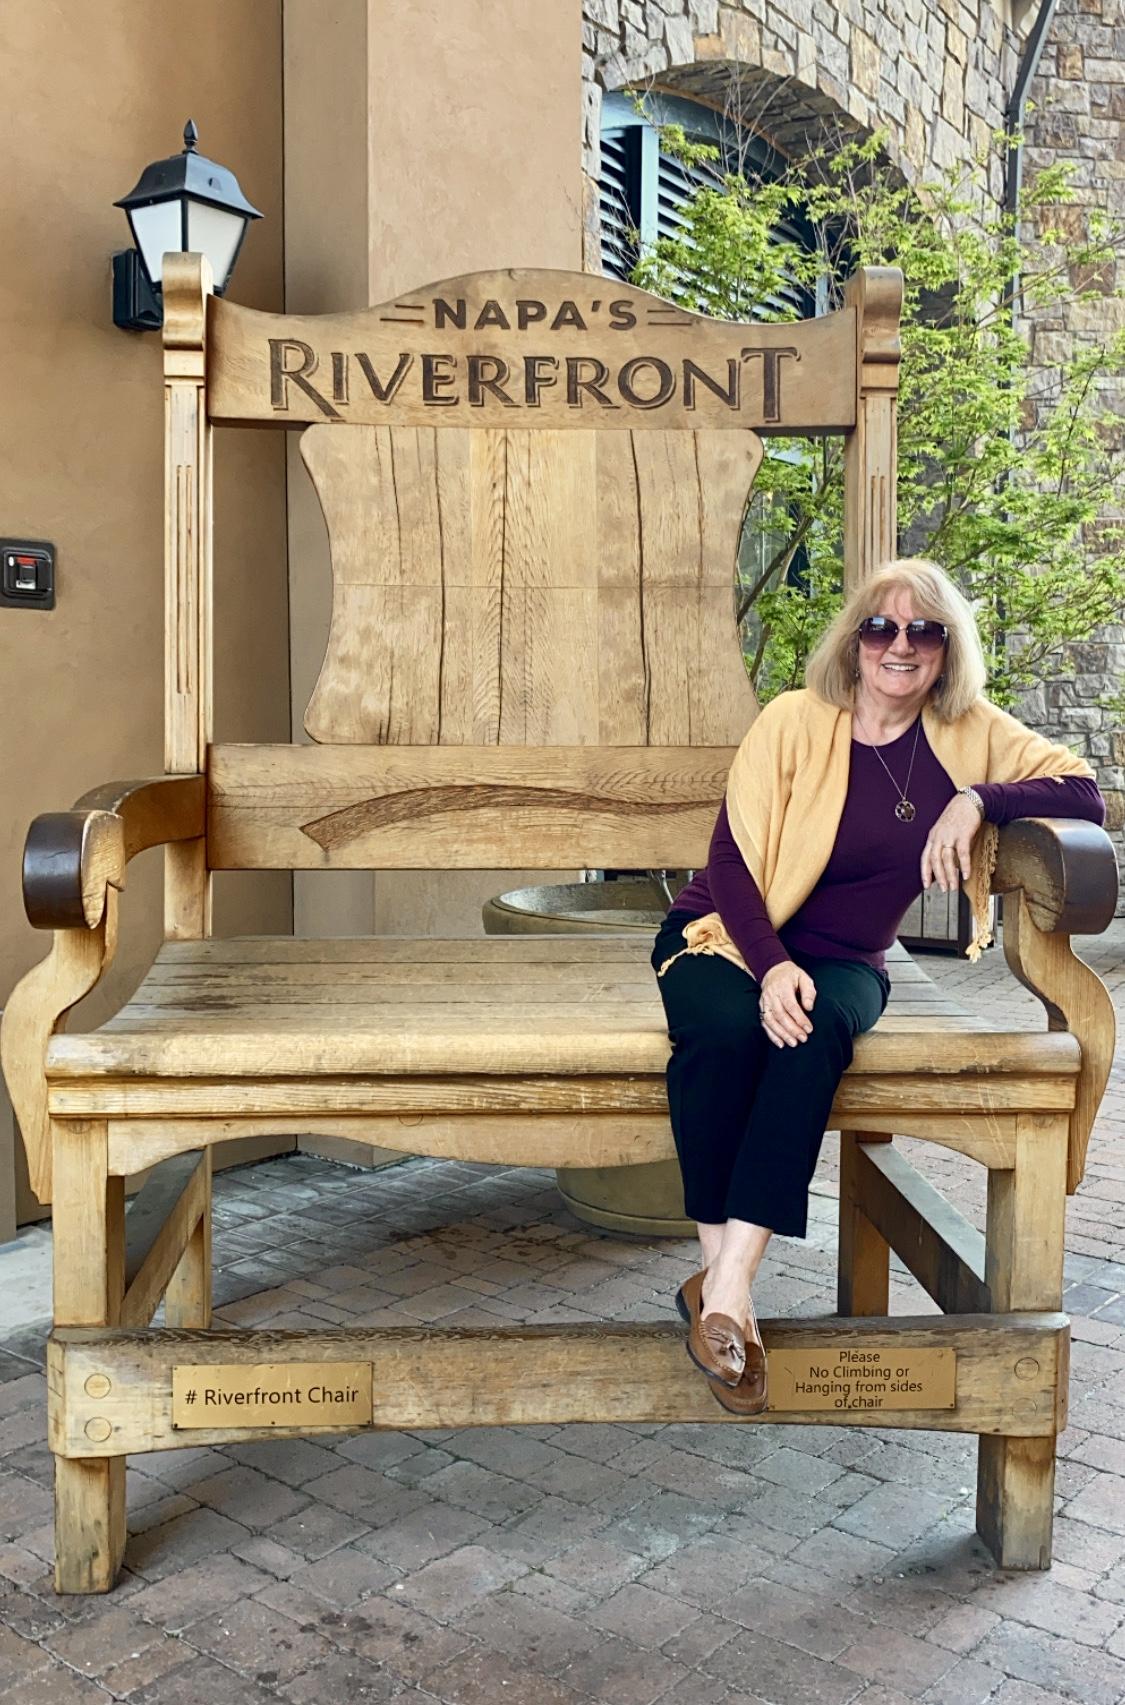 riverfront Napa chair